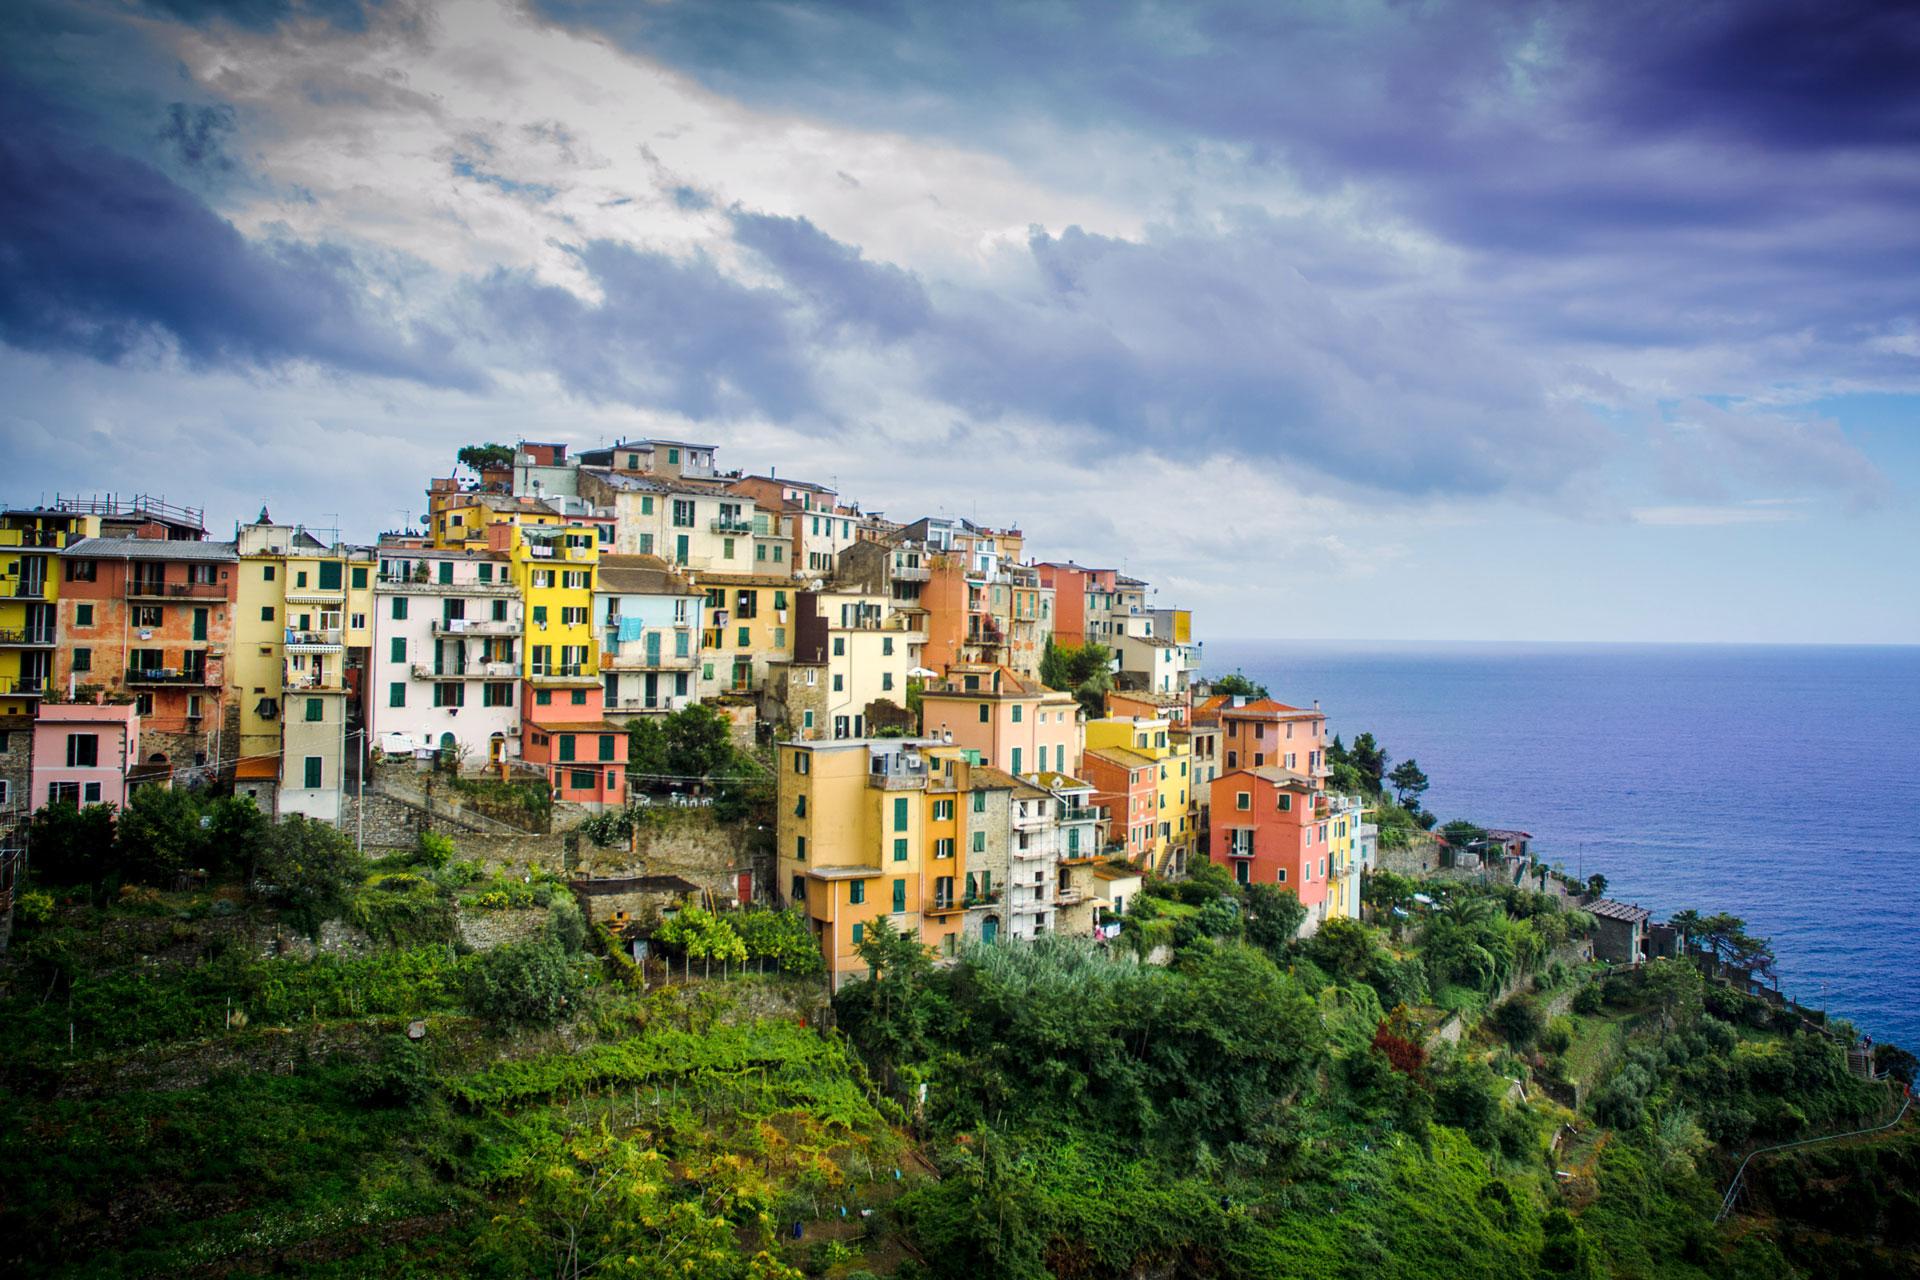 Paesaggi-Italia - 14 - 14 -